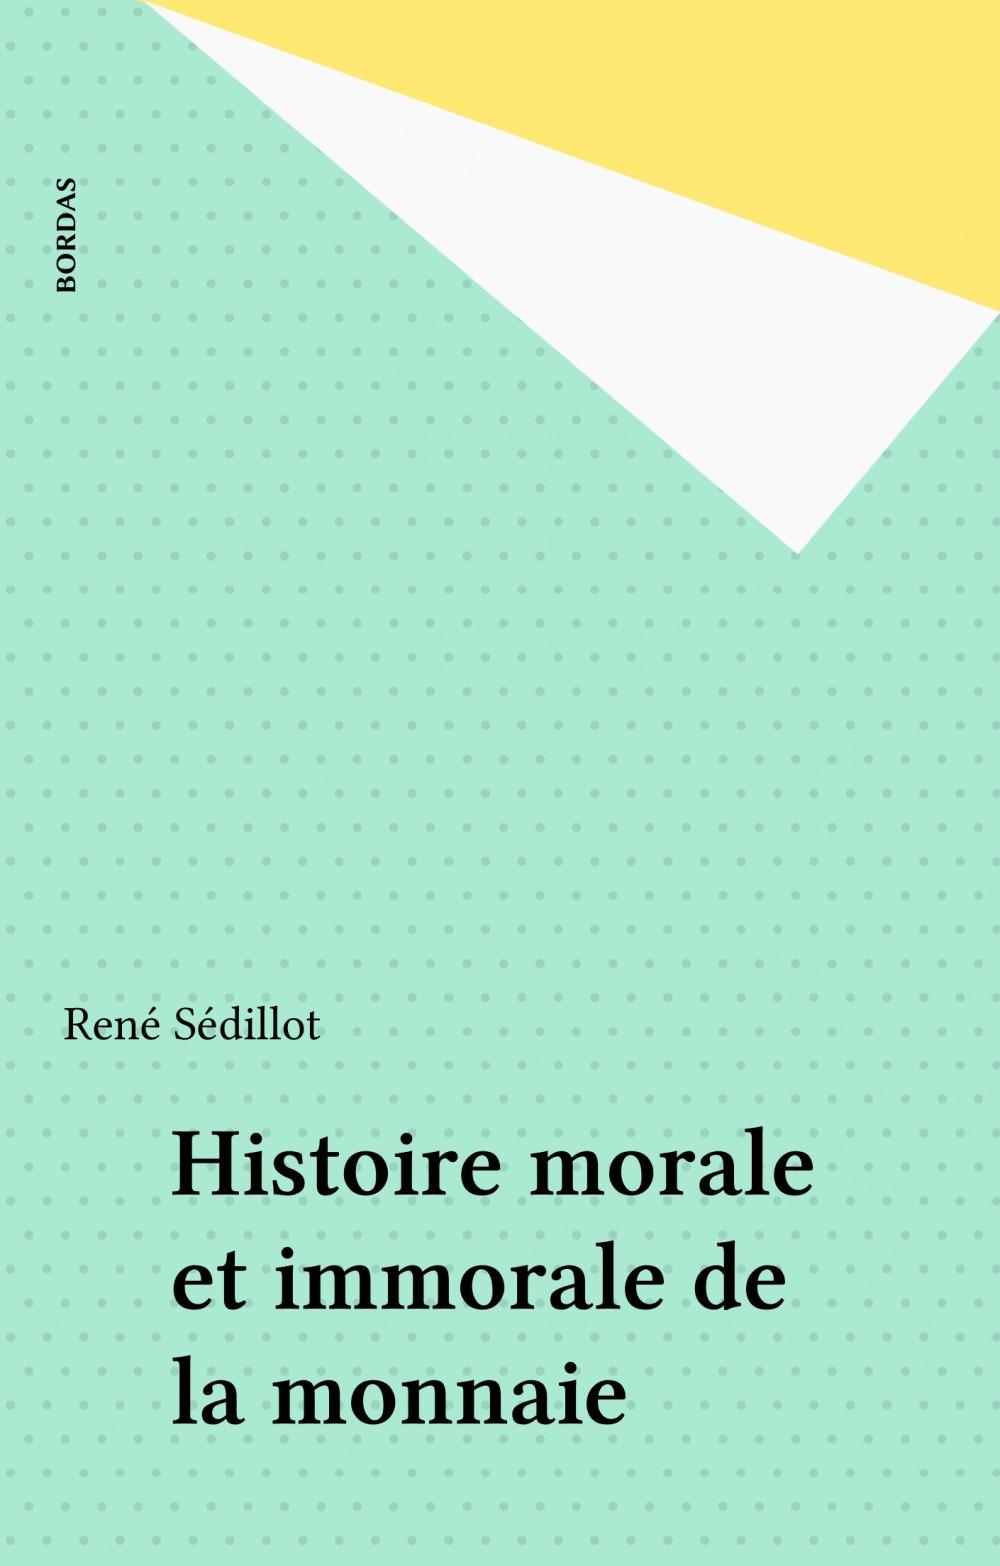 Histoire morale et immorale de la monnaie